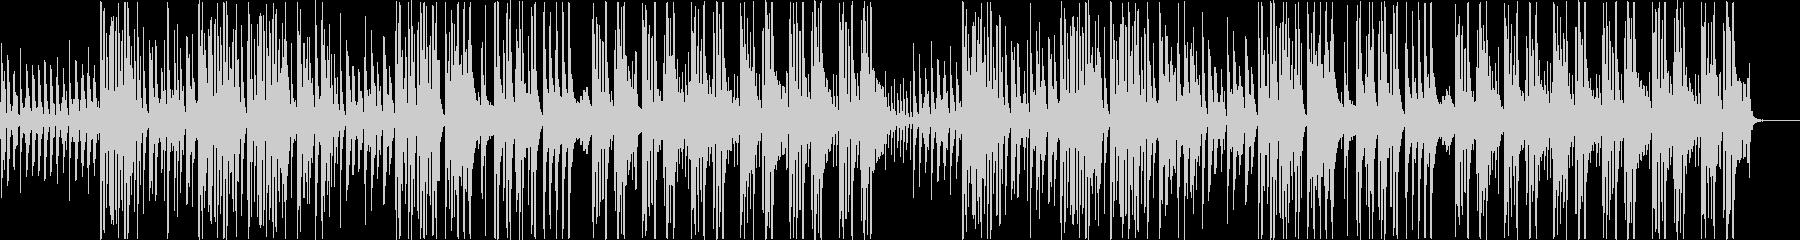 ふざけた調子のフルートBGMの未再生の波形